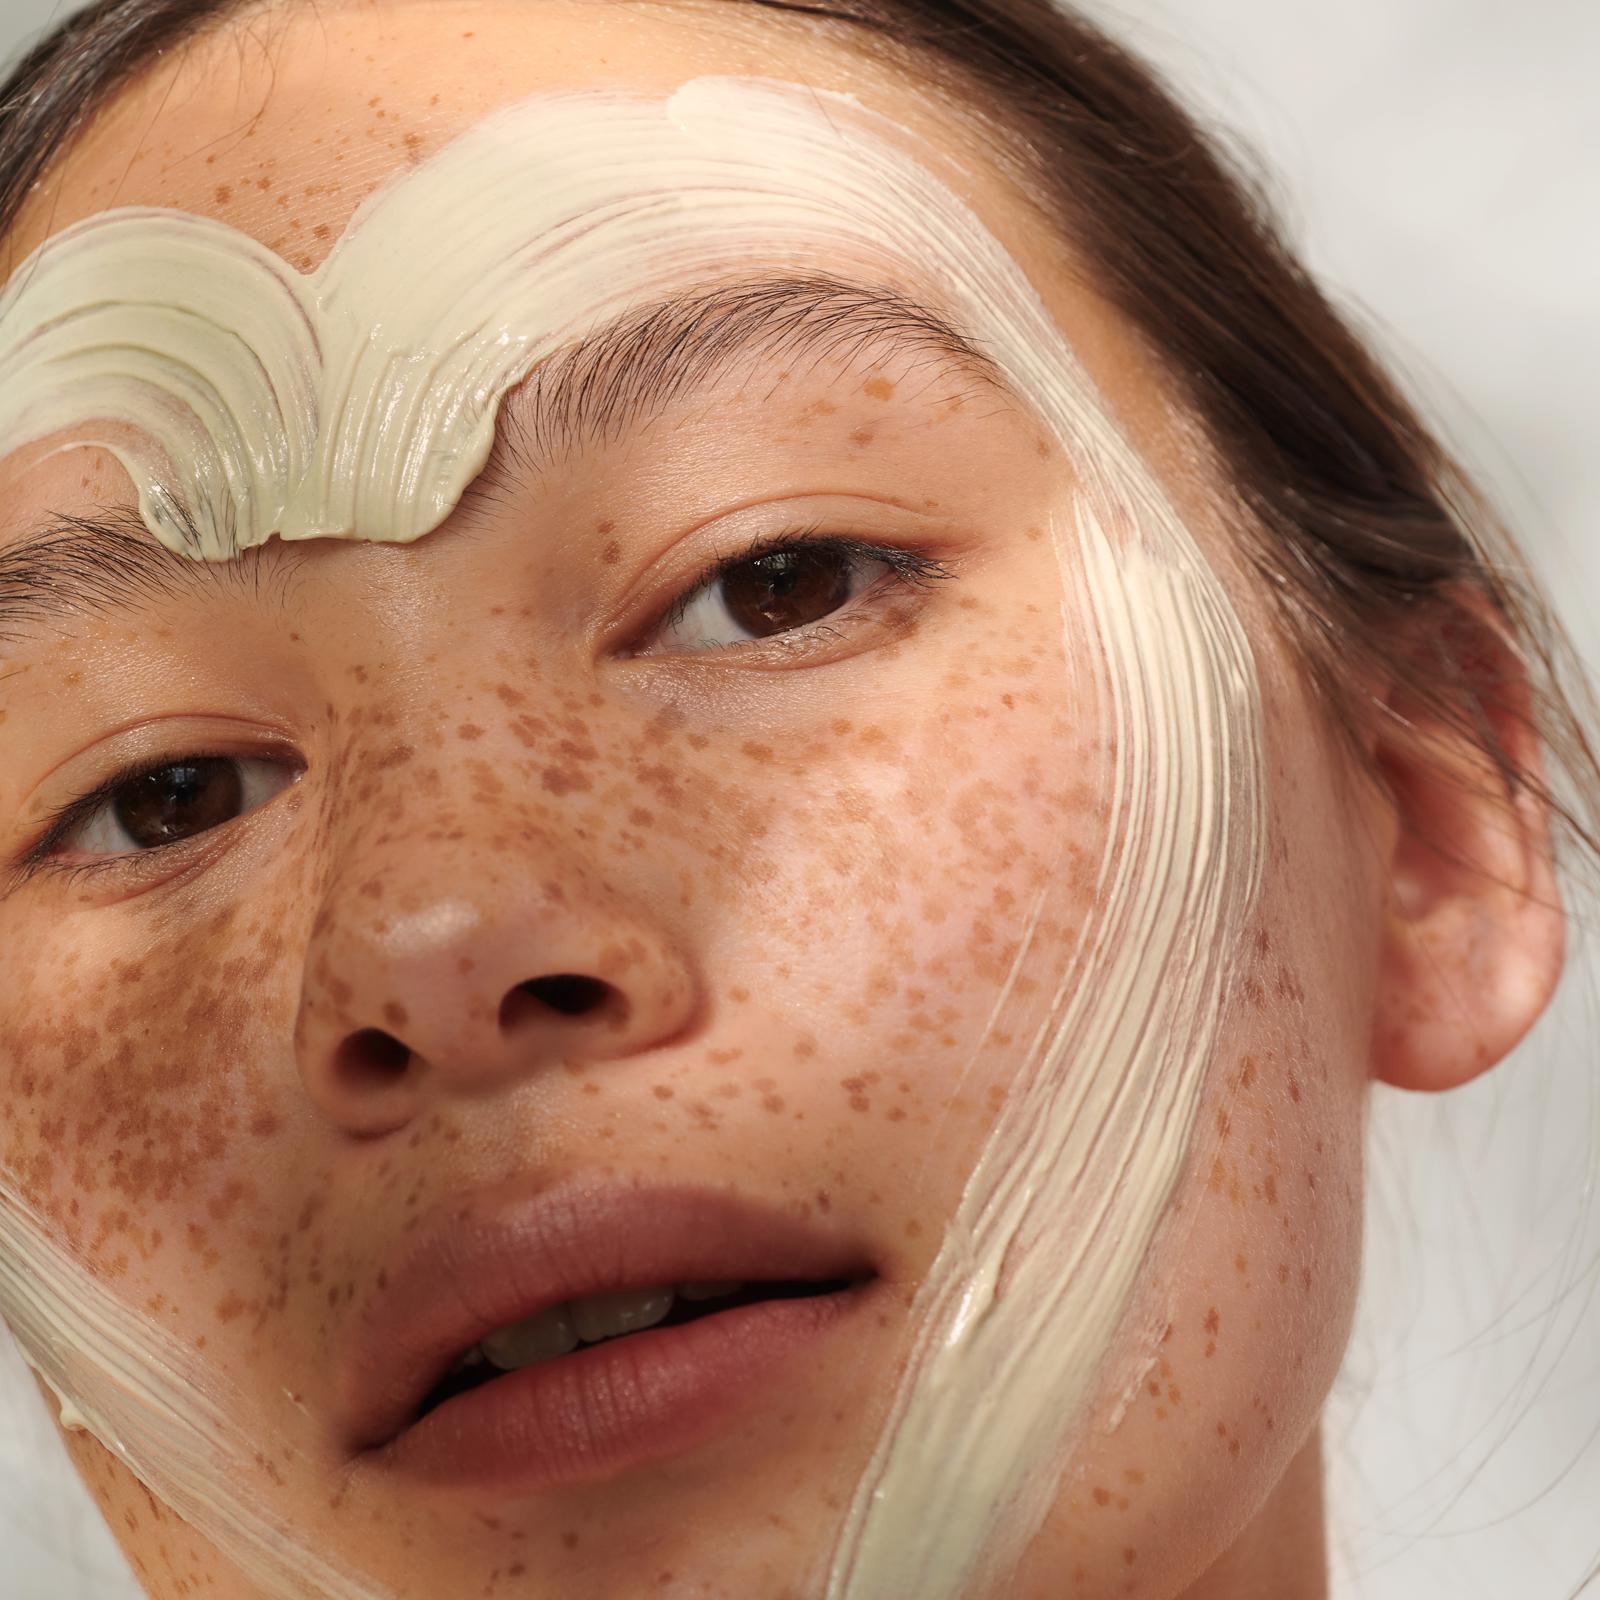 Sephora_CHasenauer_JBacas_Skincare_8